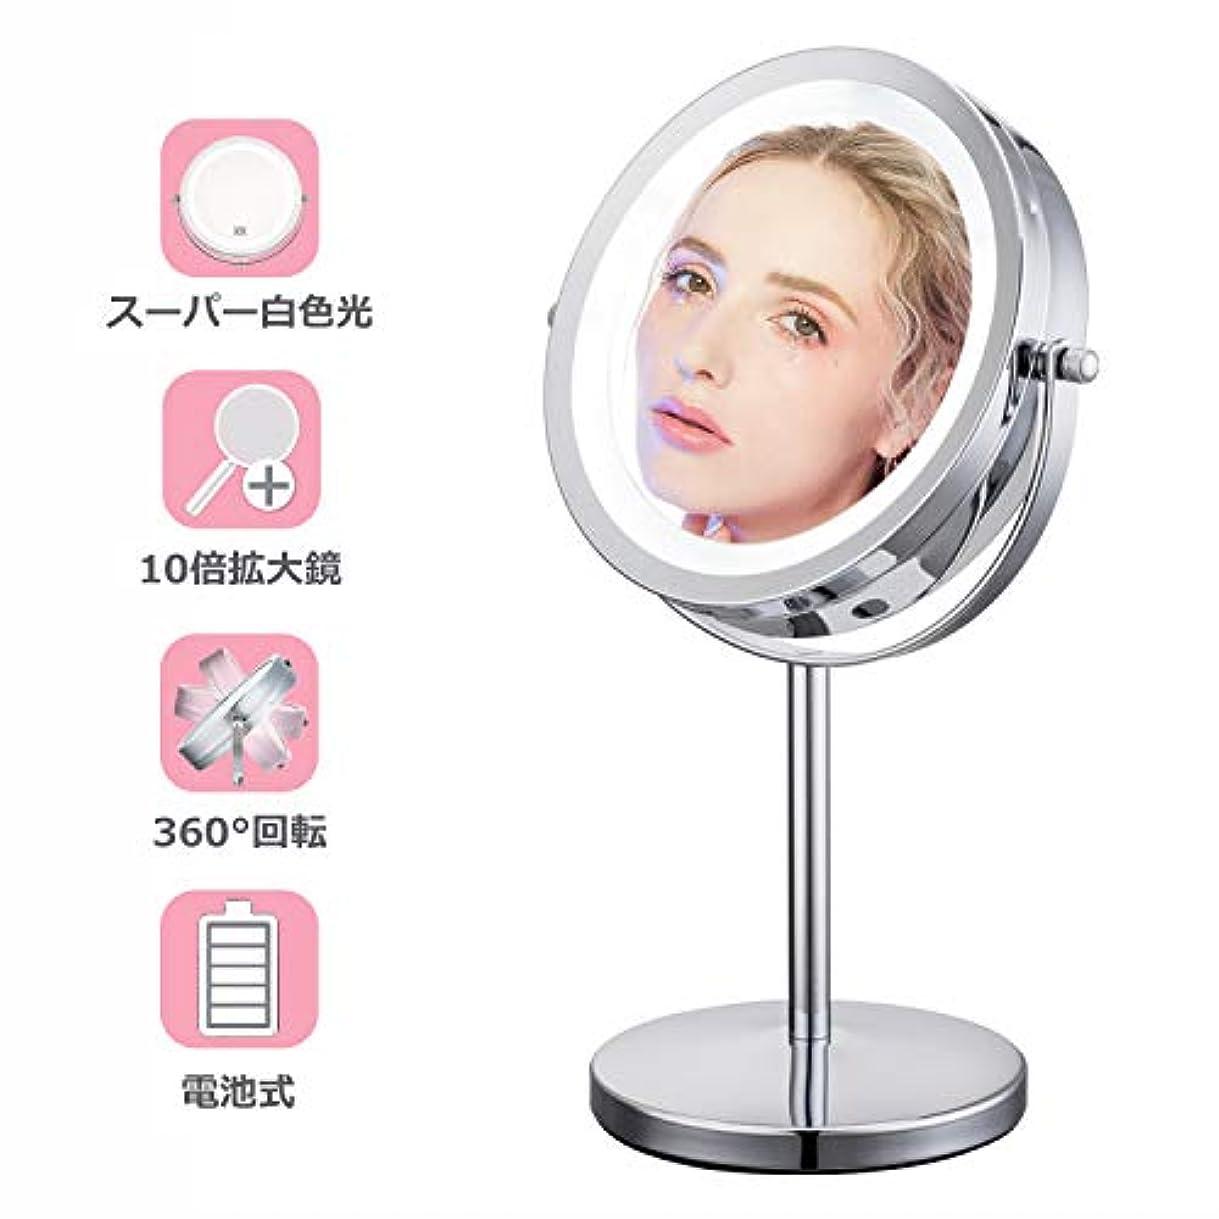 哀フルーツ野菜ピボット10倍拡大鏡 LEDライト付き 真実の両面鏡 360度回転 卓上鏡 スタンドミラー メイク 化粧道具 【Jeking】